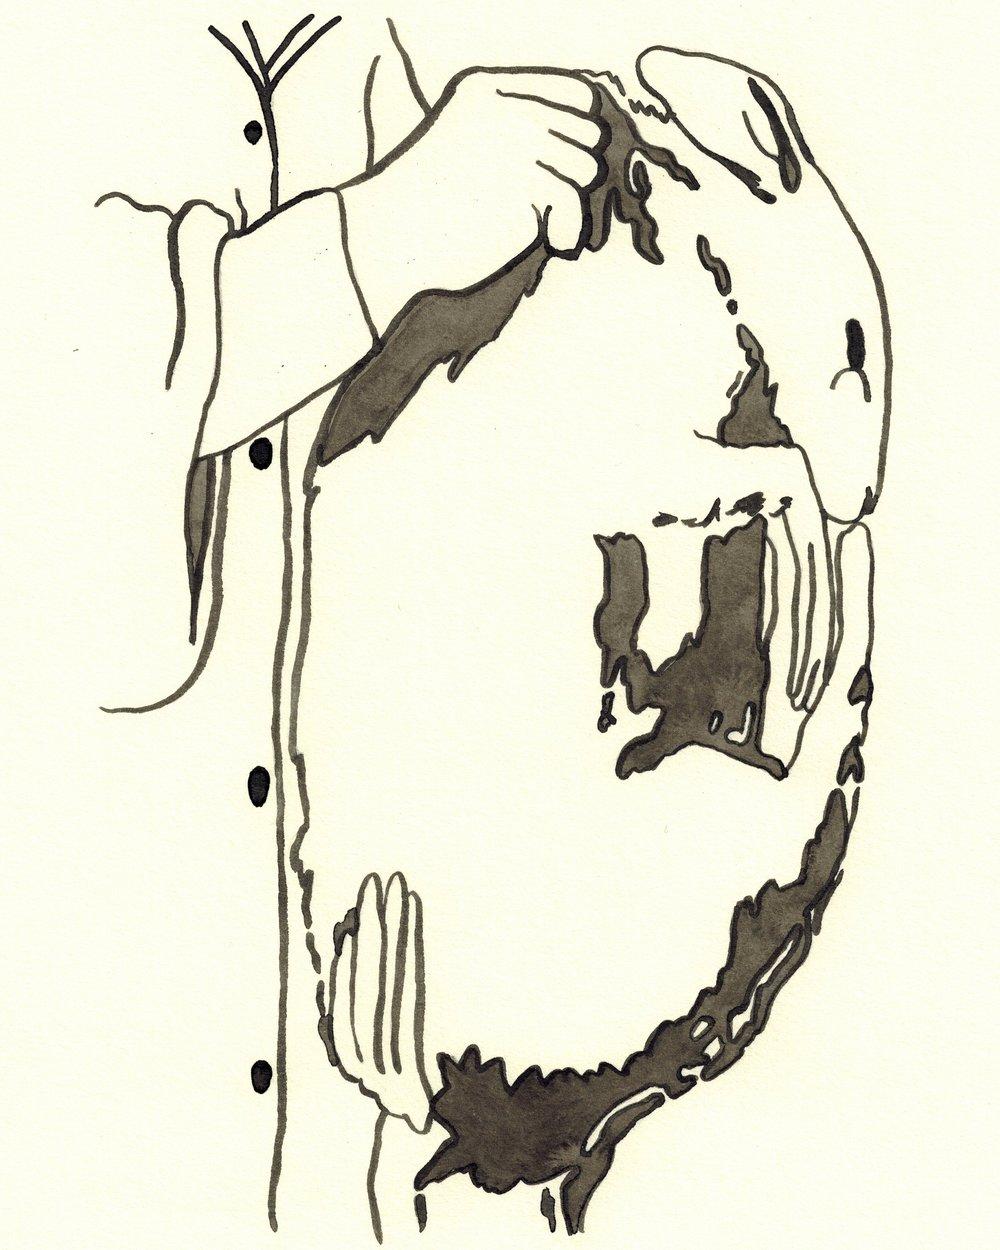 1000x1250 Drawings Pegacron